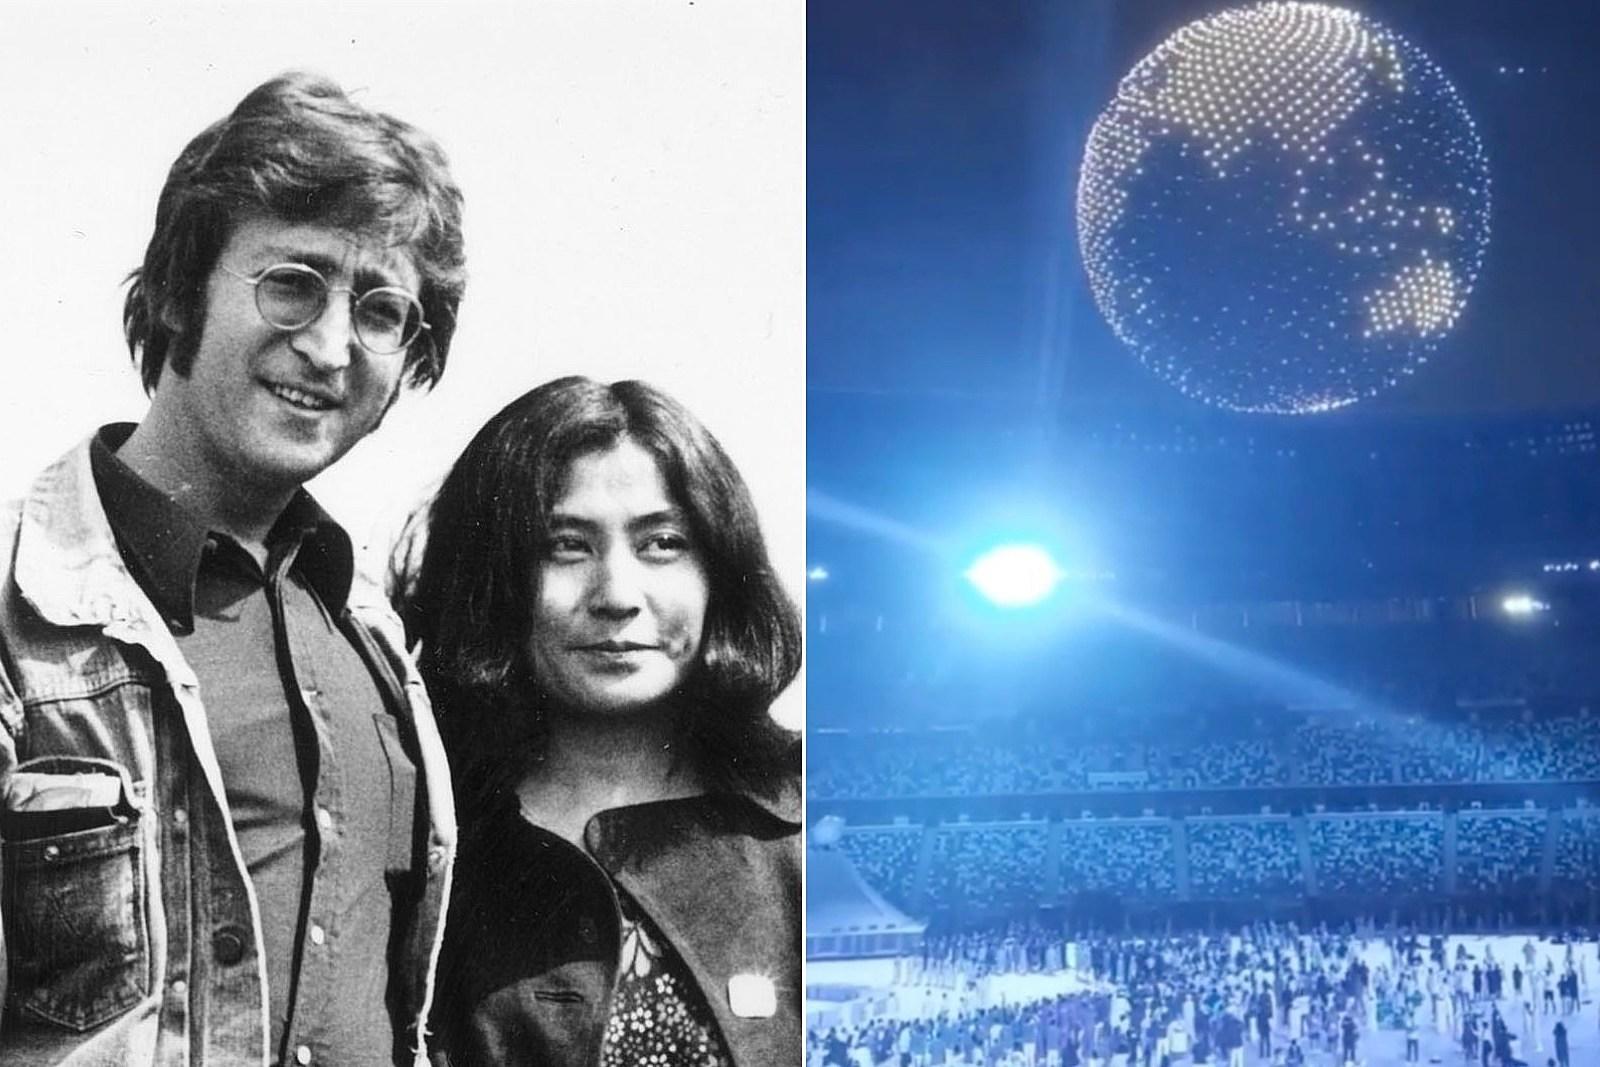 John Lennon's 'Imagine' Receives Star-Studded Olympics Tribute